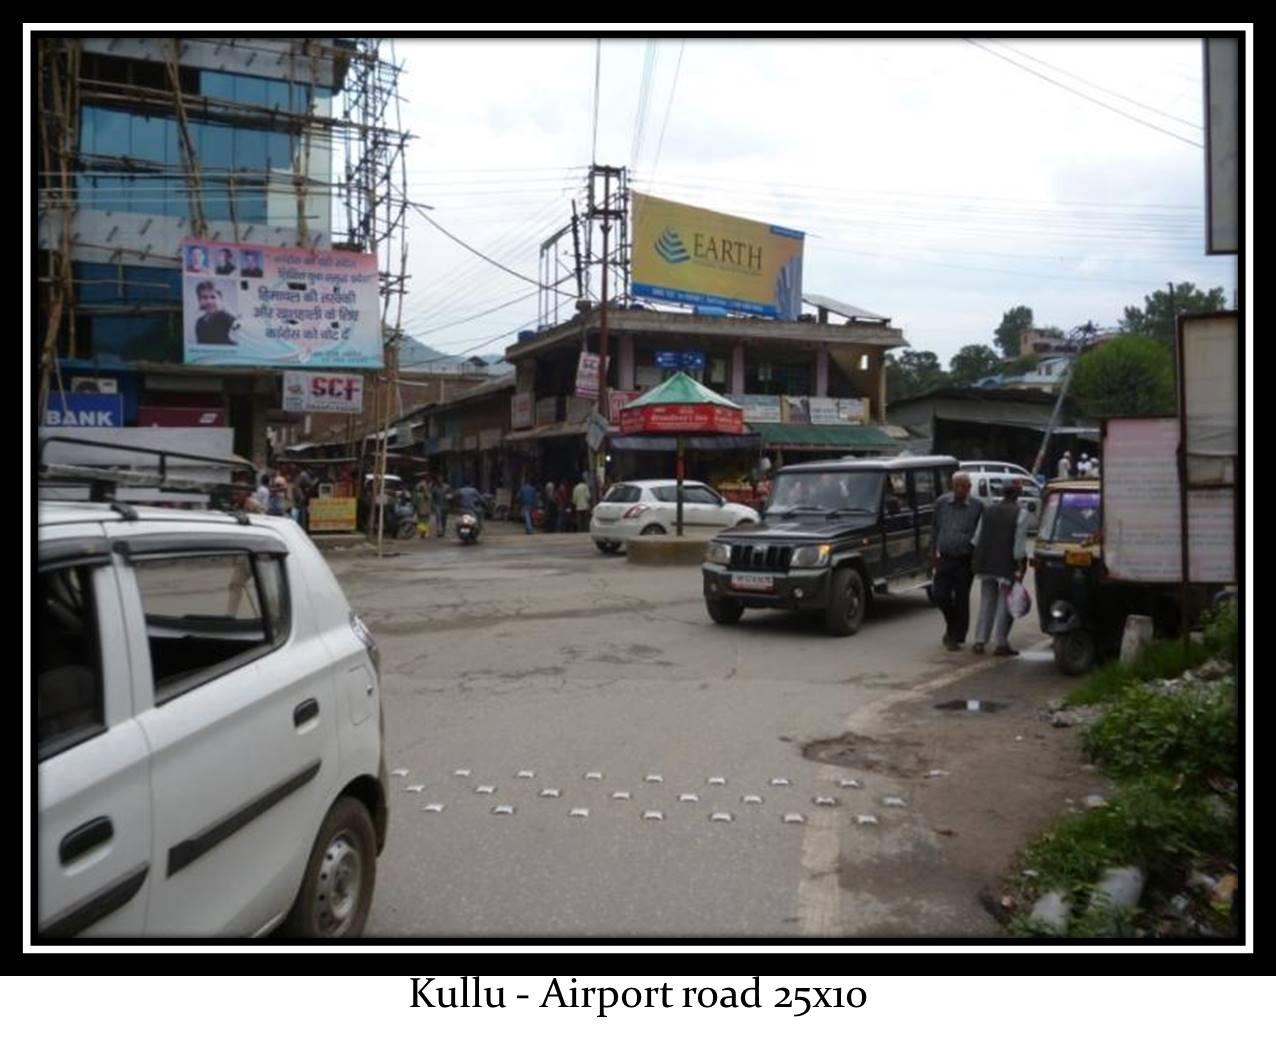 Airport road, Kullu